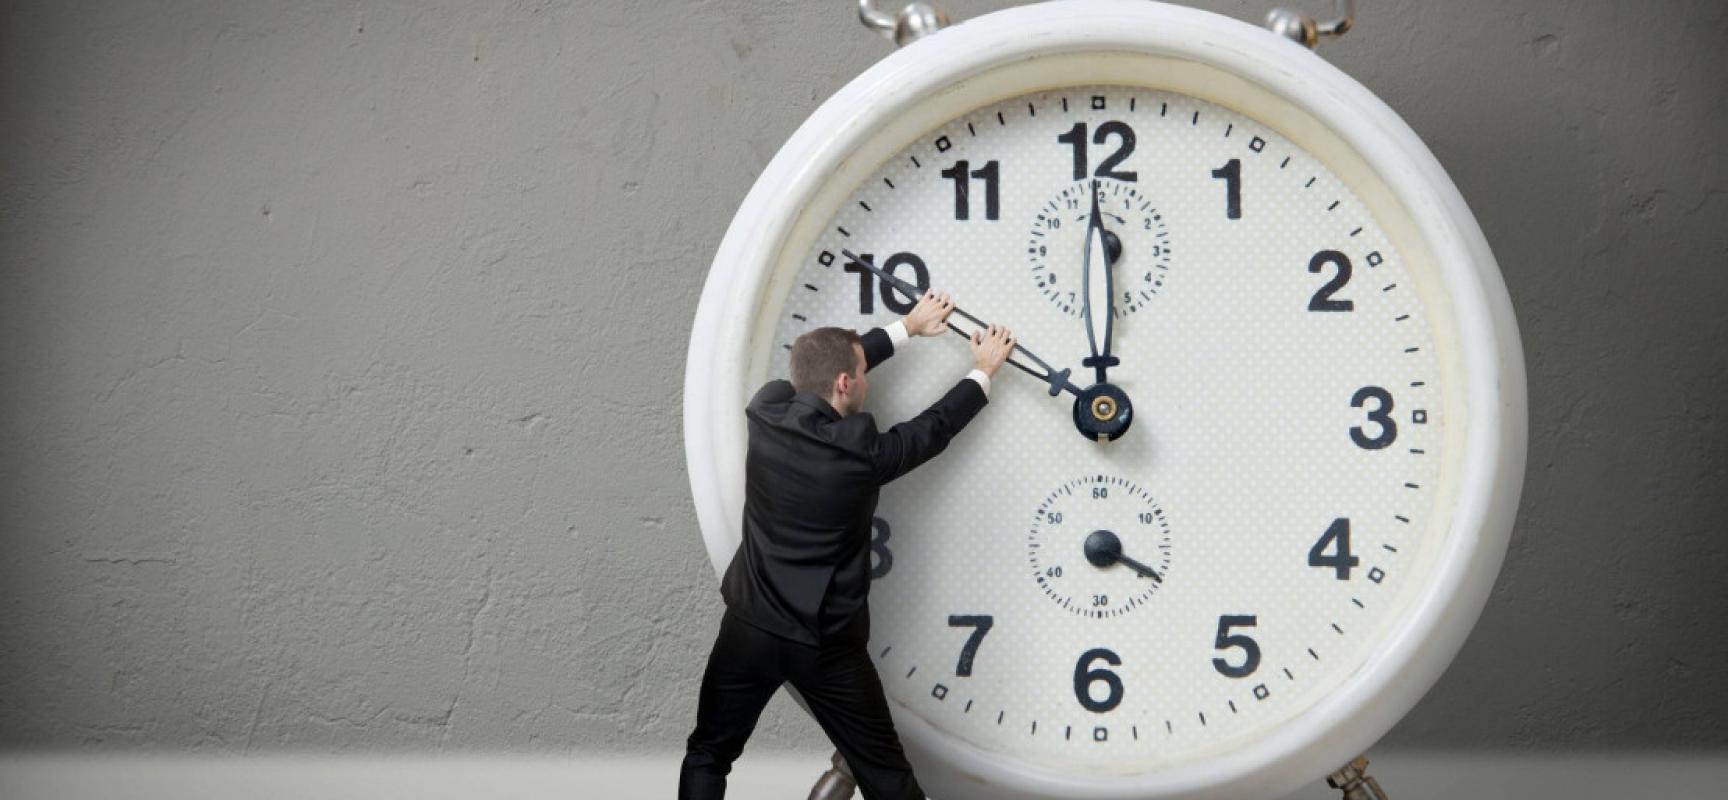 Один выходной день при шестидневной рабочей неделе: норма рабочего времени и доплаты